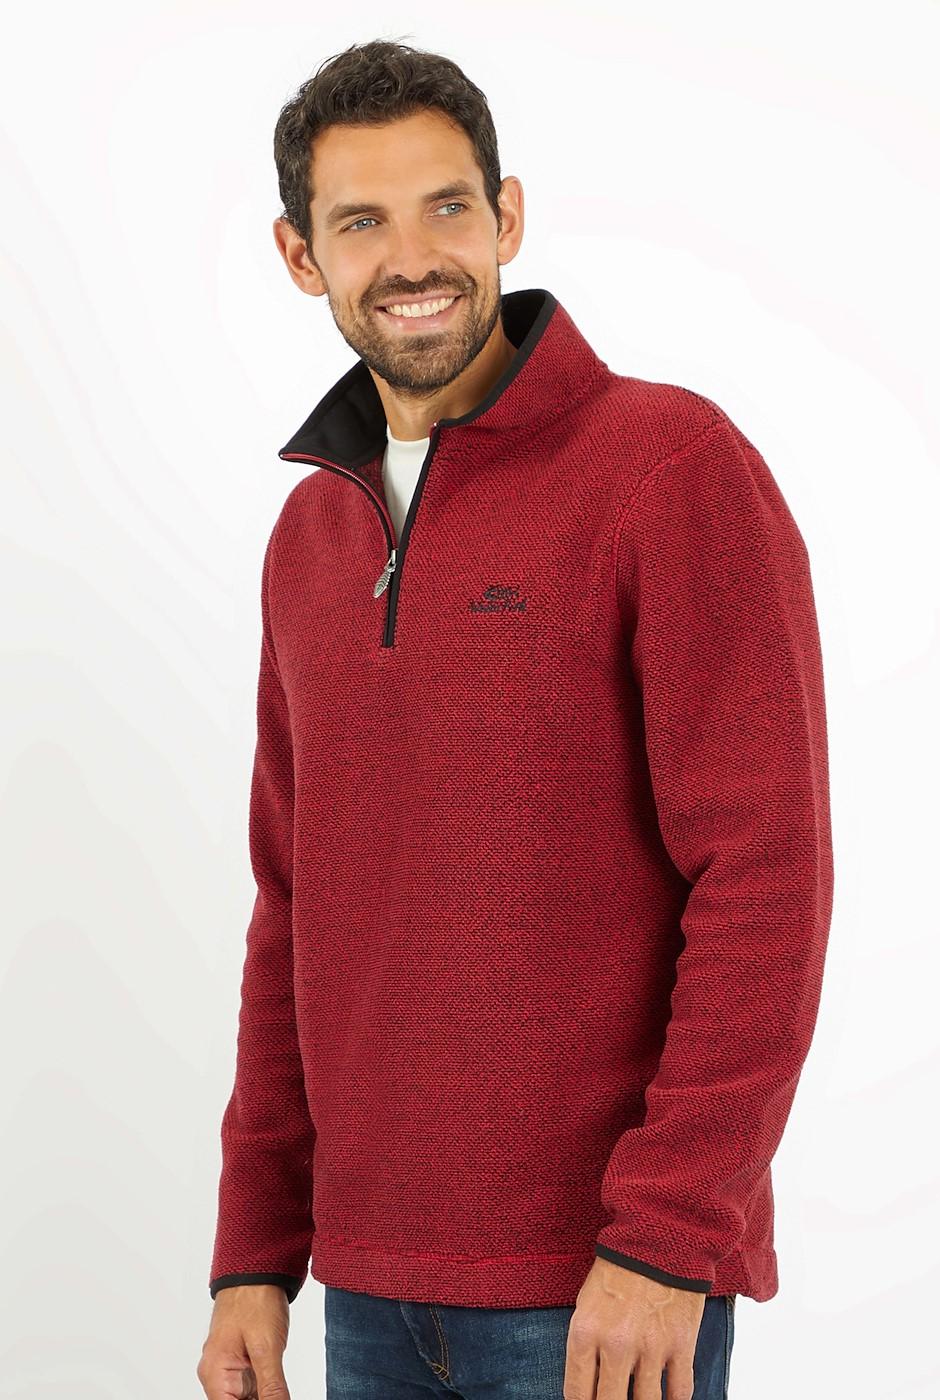 Errill 1/4 Zip Textured Fleece Chilli Red